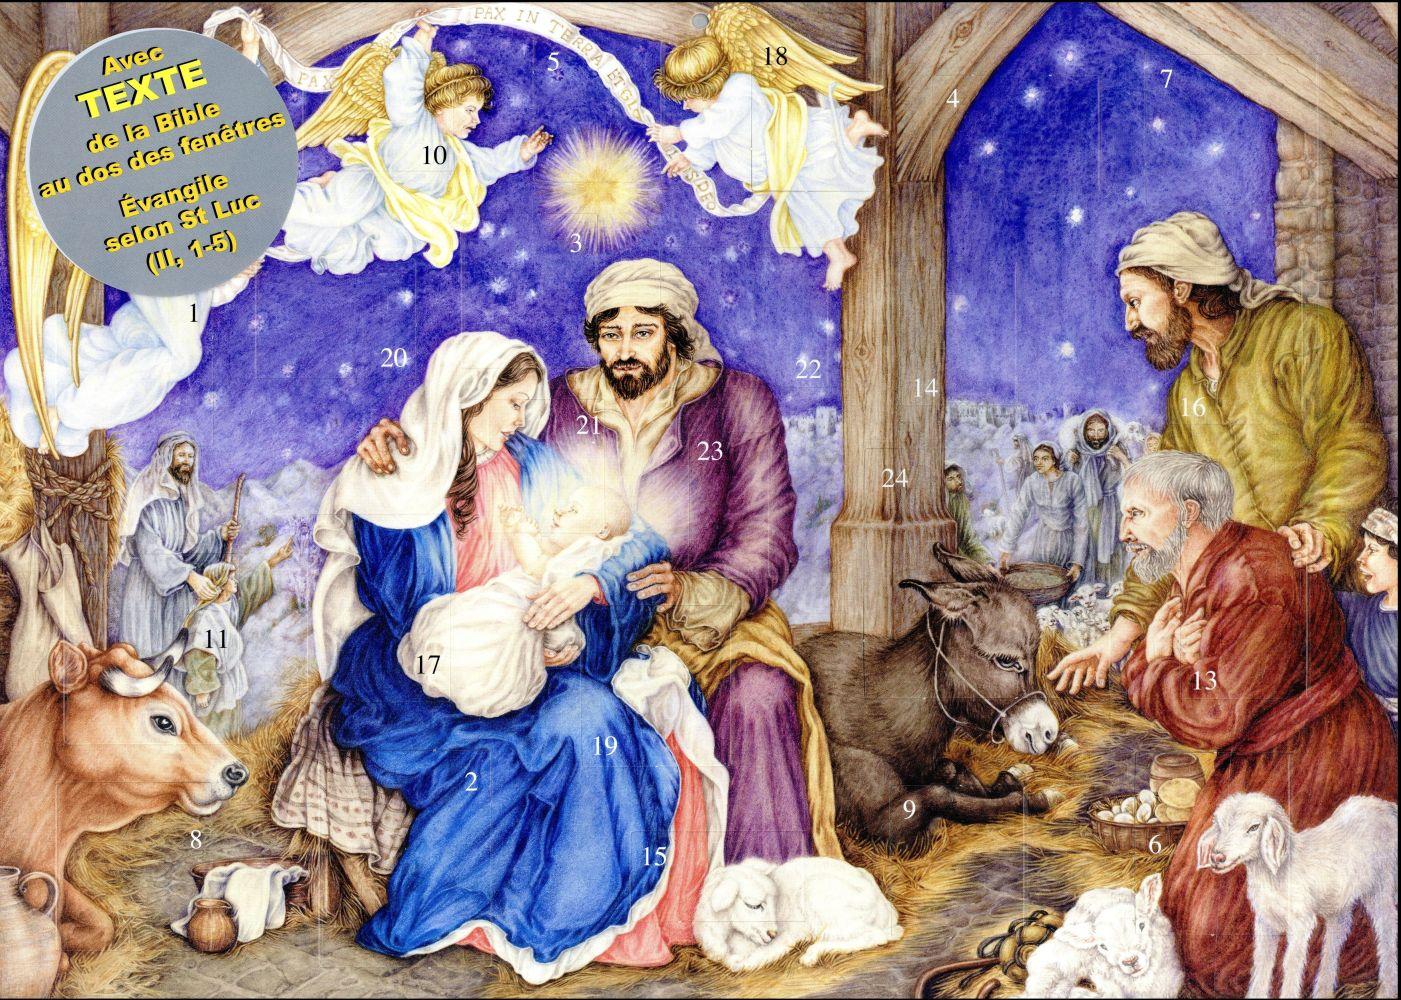 CALENDRIER DE L'AVENT PETIT JESUS EST NE